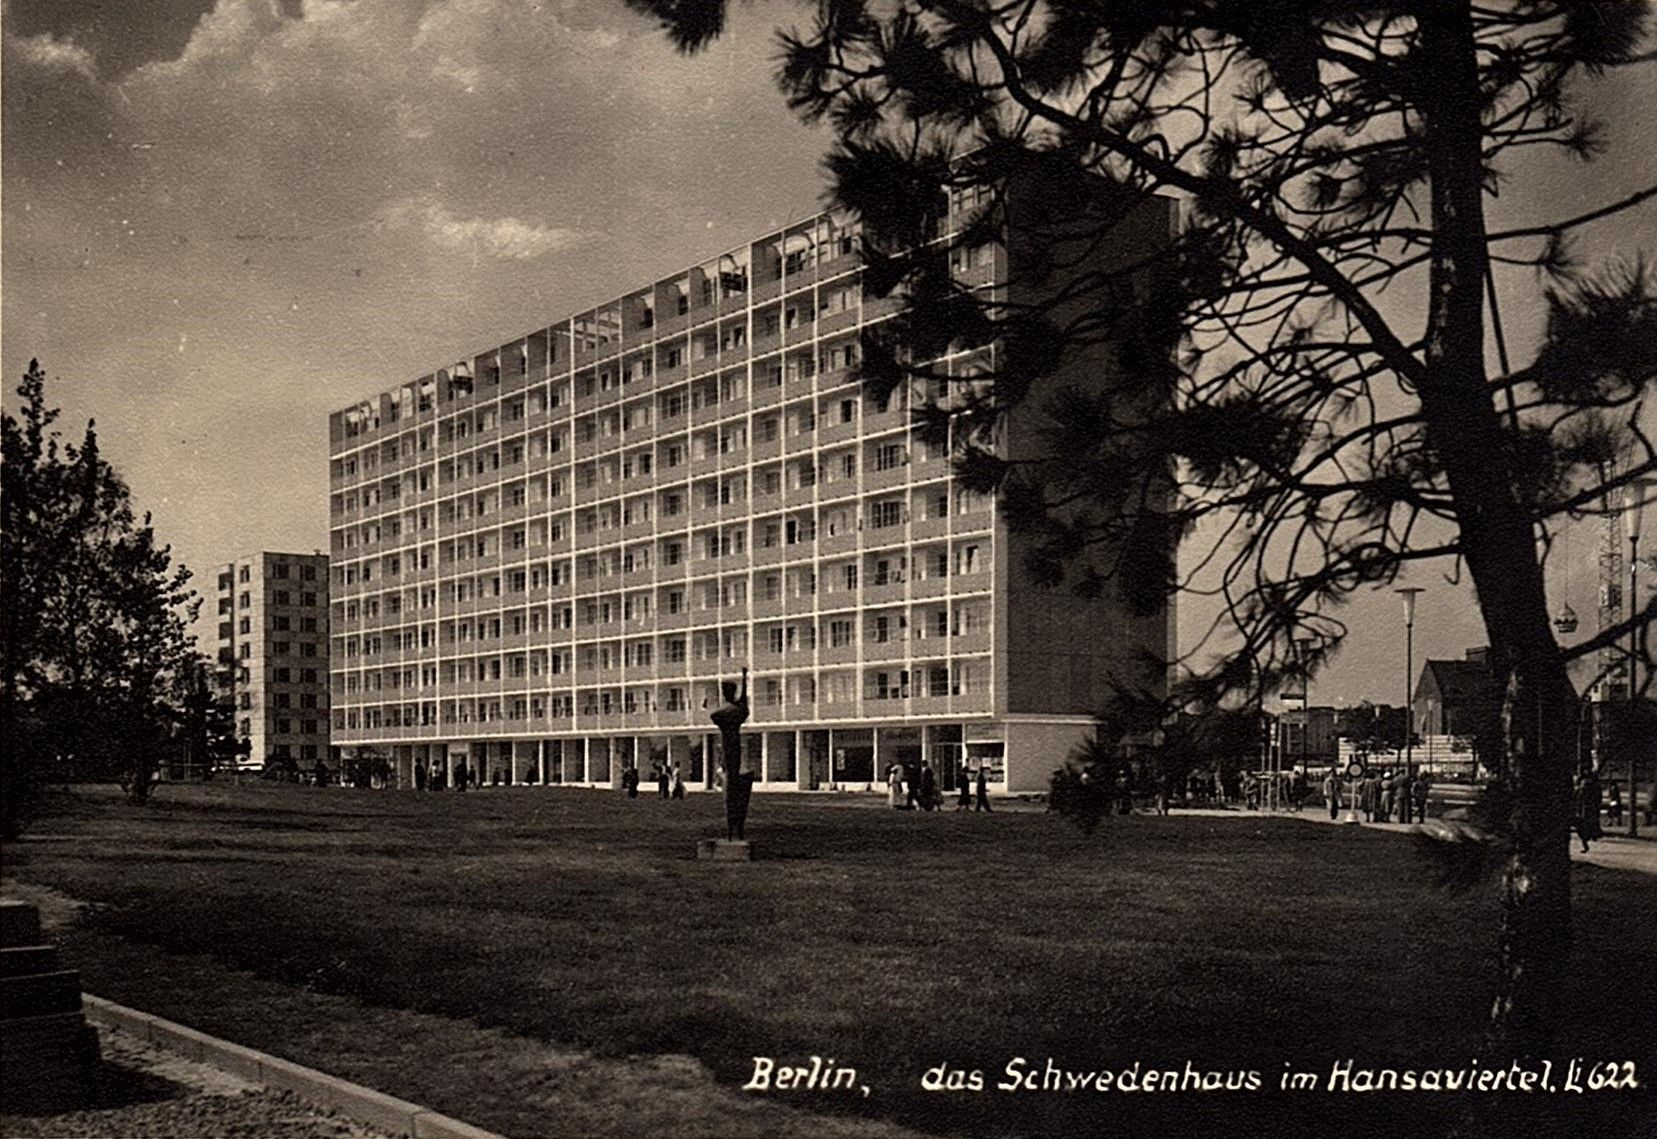 Schwedenhaus Berlin berlin tiergarten interbau 1957 das schwedenhaus im hansaviertel